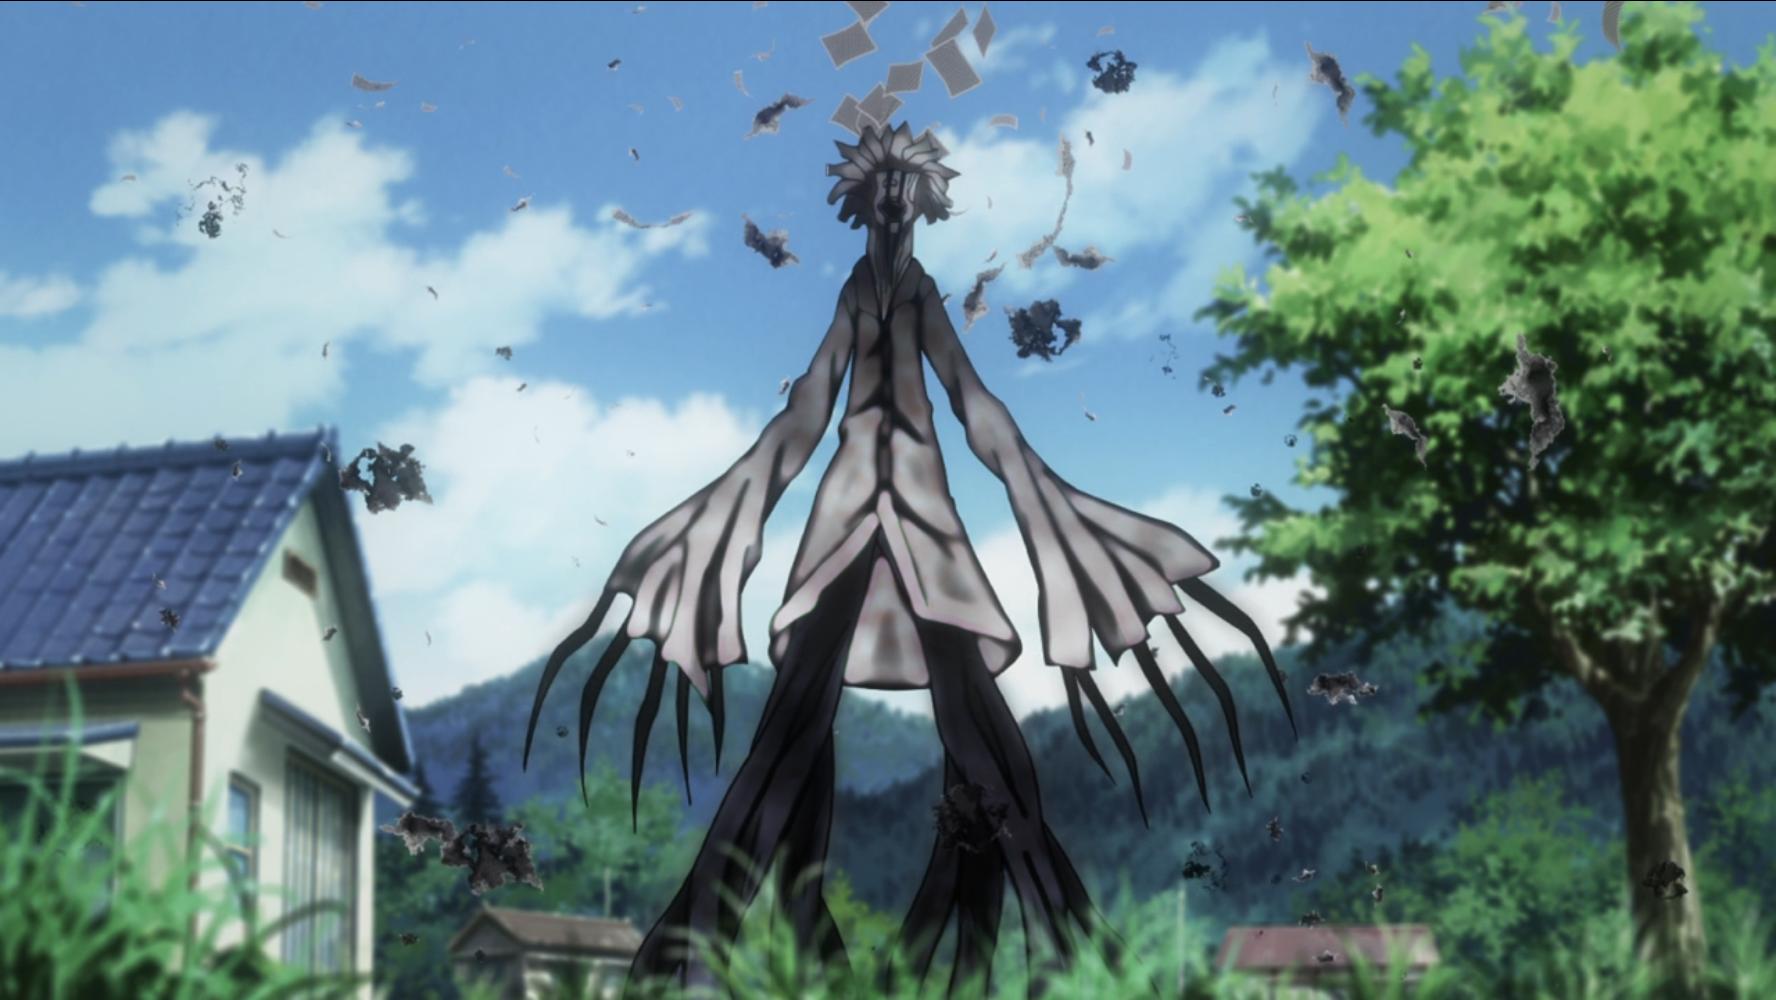 Un Nanaki con la forma de un profesor malévolo se cierne cerca de las afueras de la aldea en una escena del anime televisivo The Lost Village de 2016.